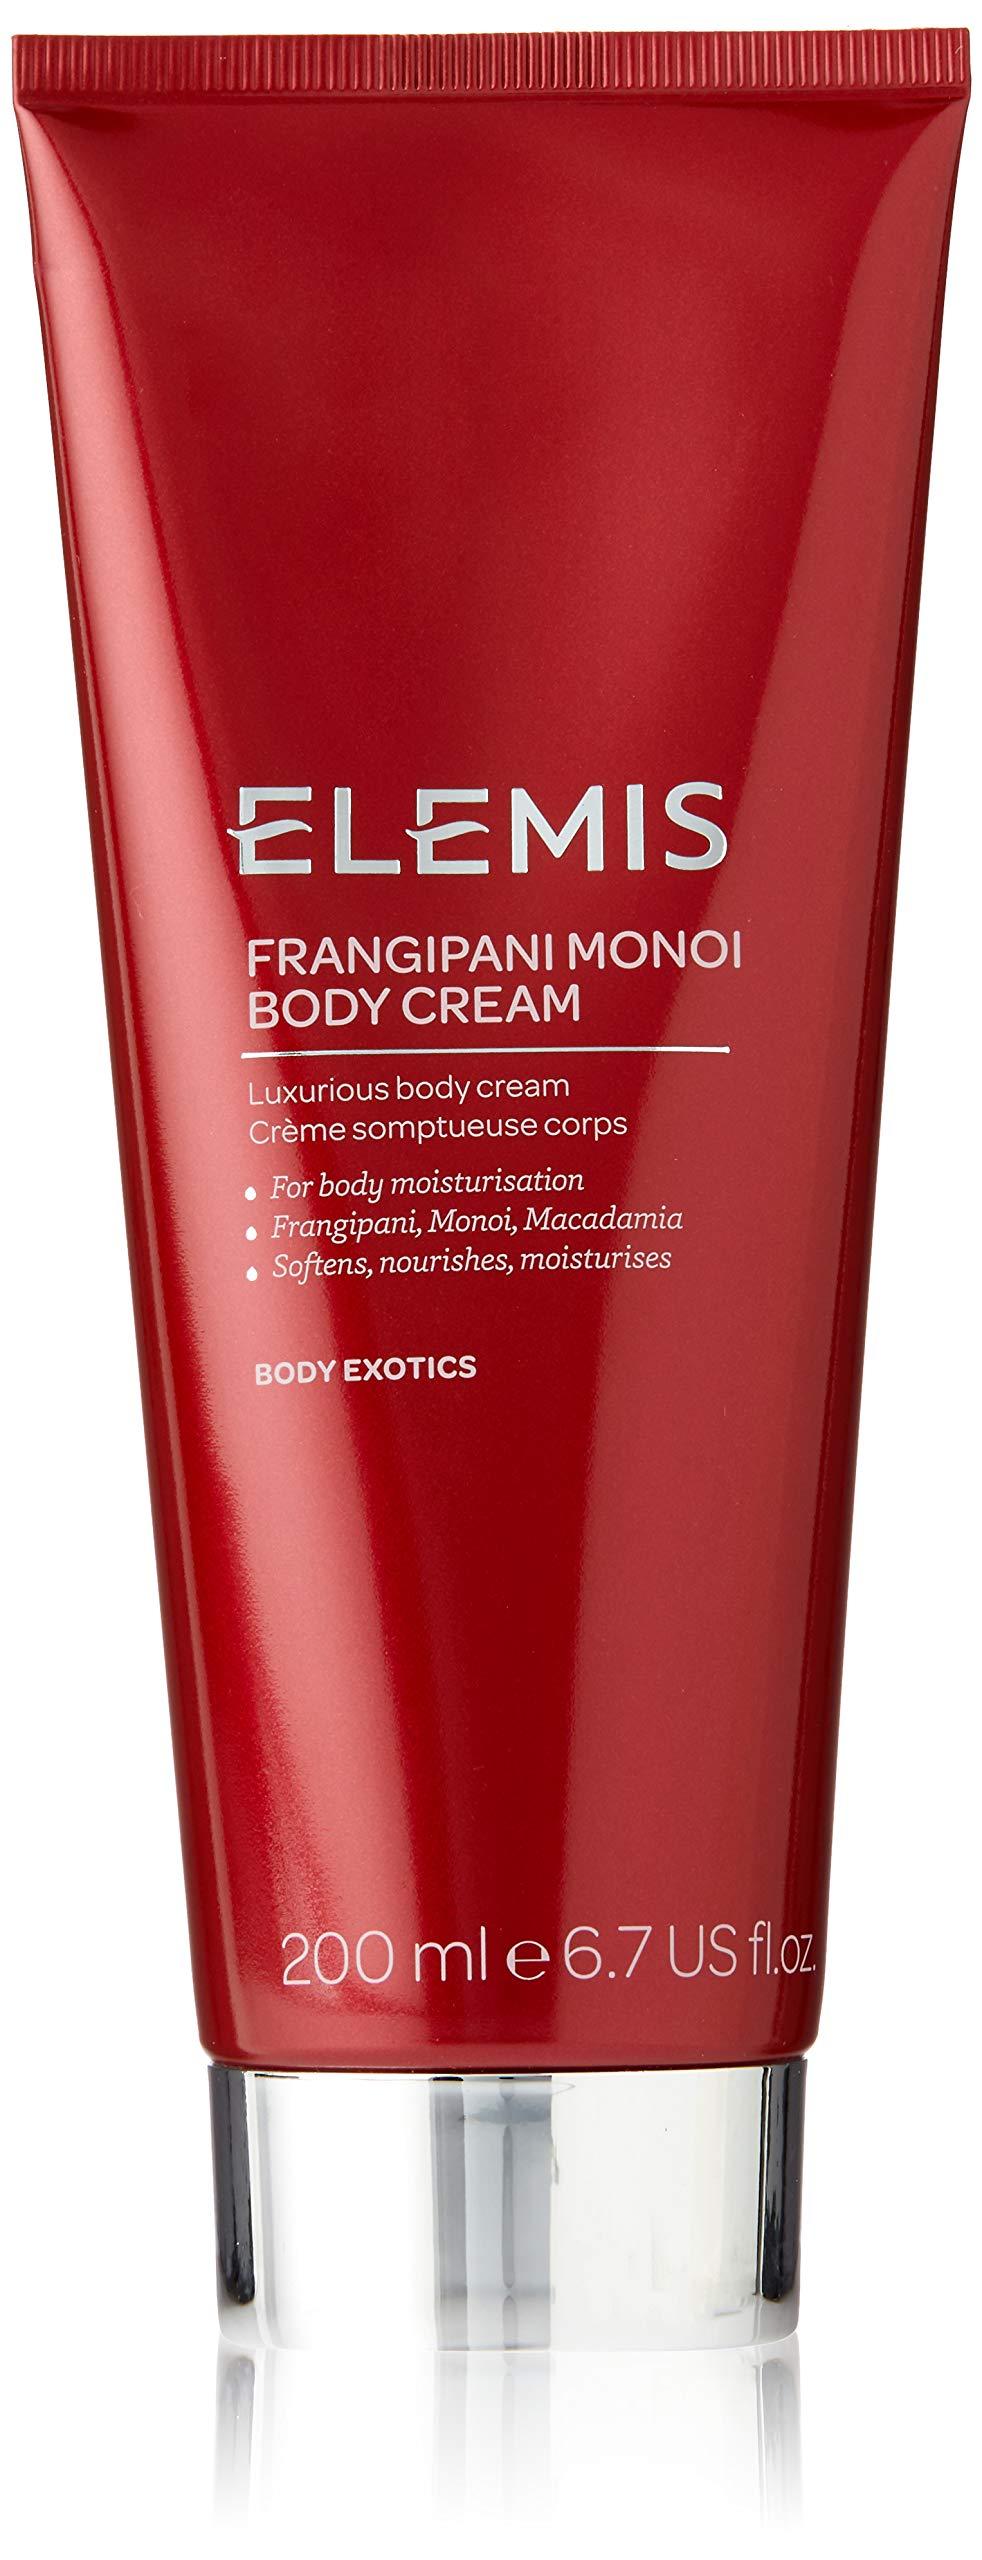 ELEMIS Frangipani Monoi Body Cream, Luxurious Body Cream, 6.7 Fl Oz